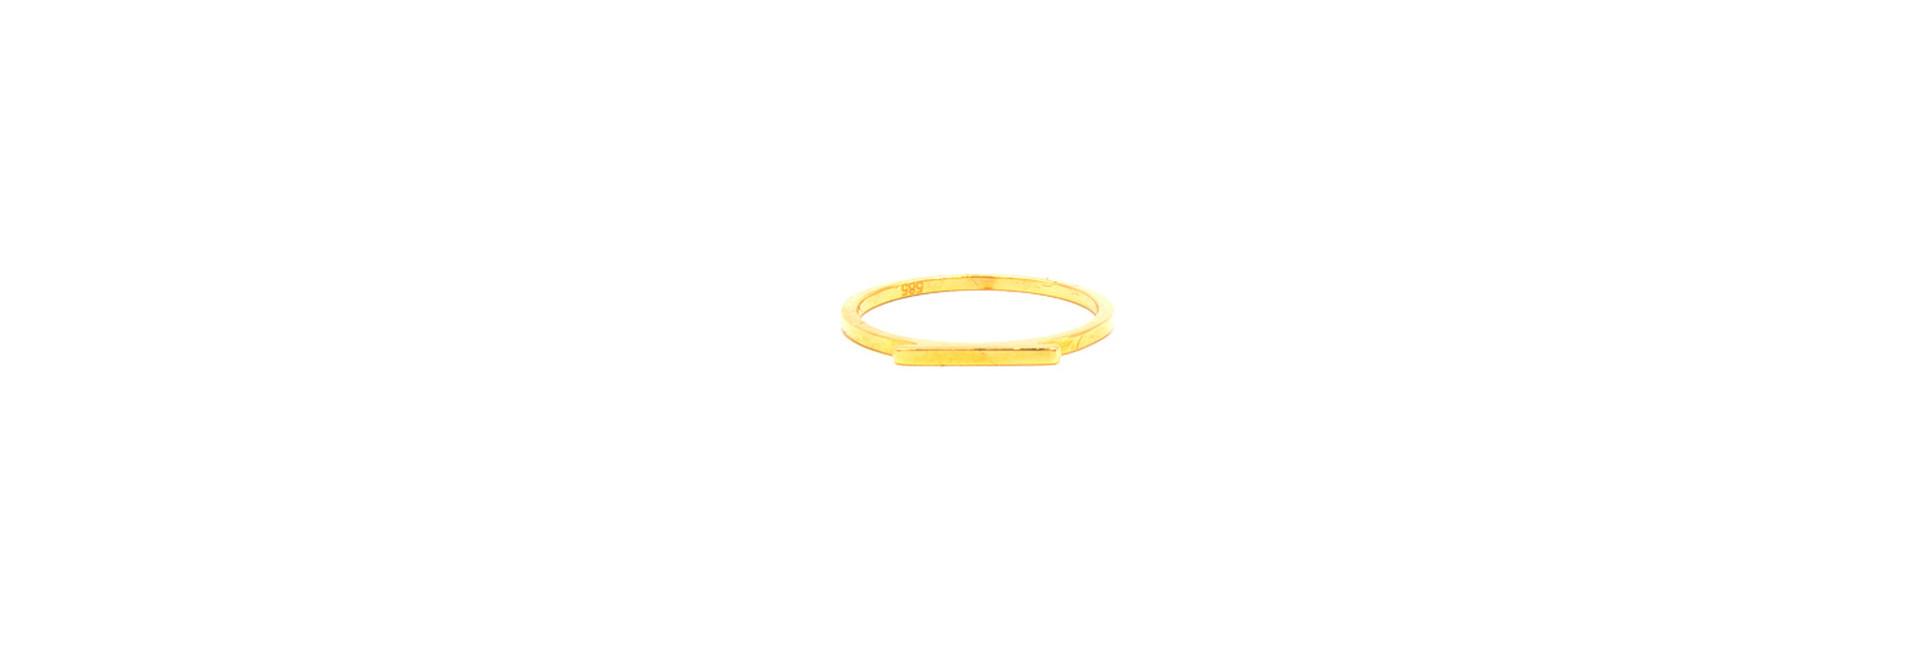 Ring aanschuif minimalistisch